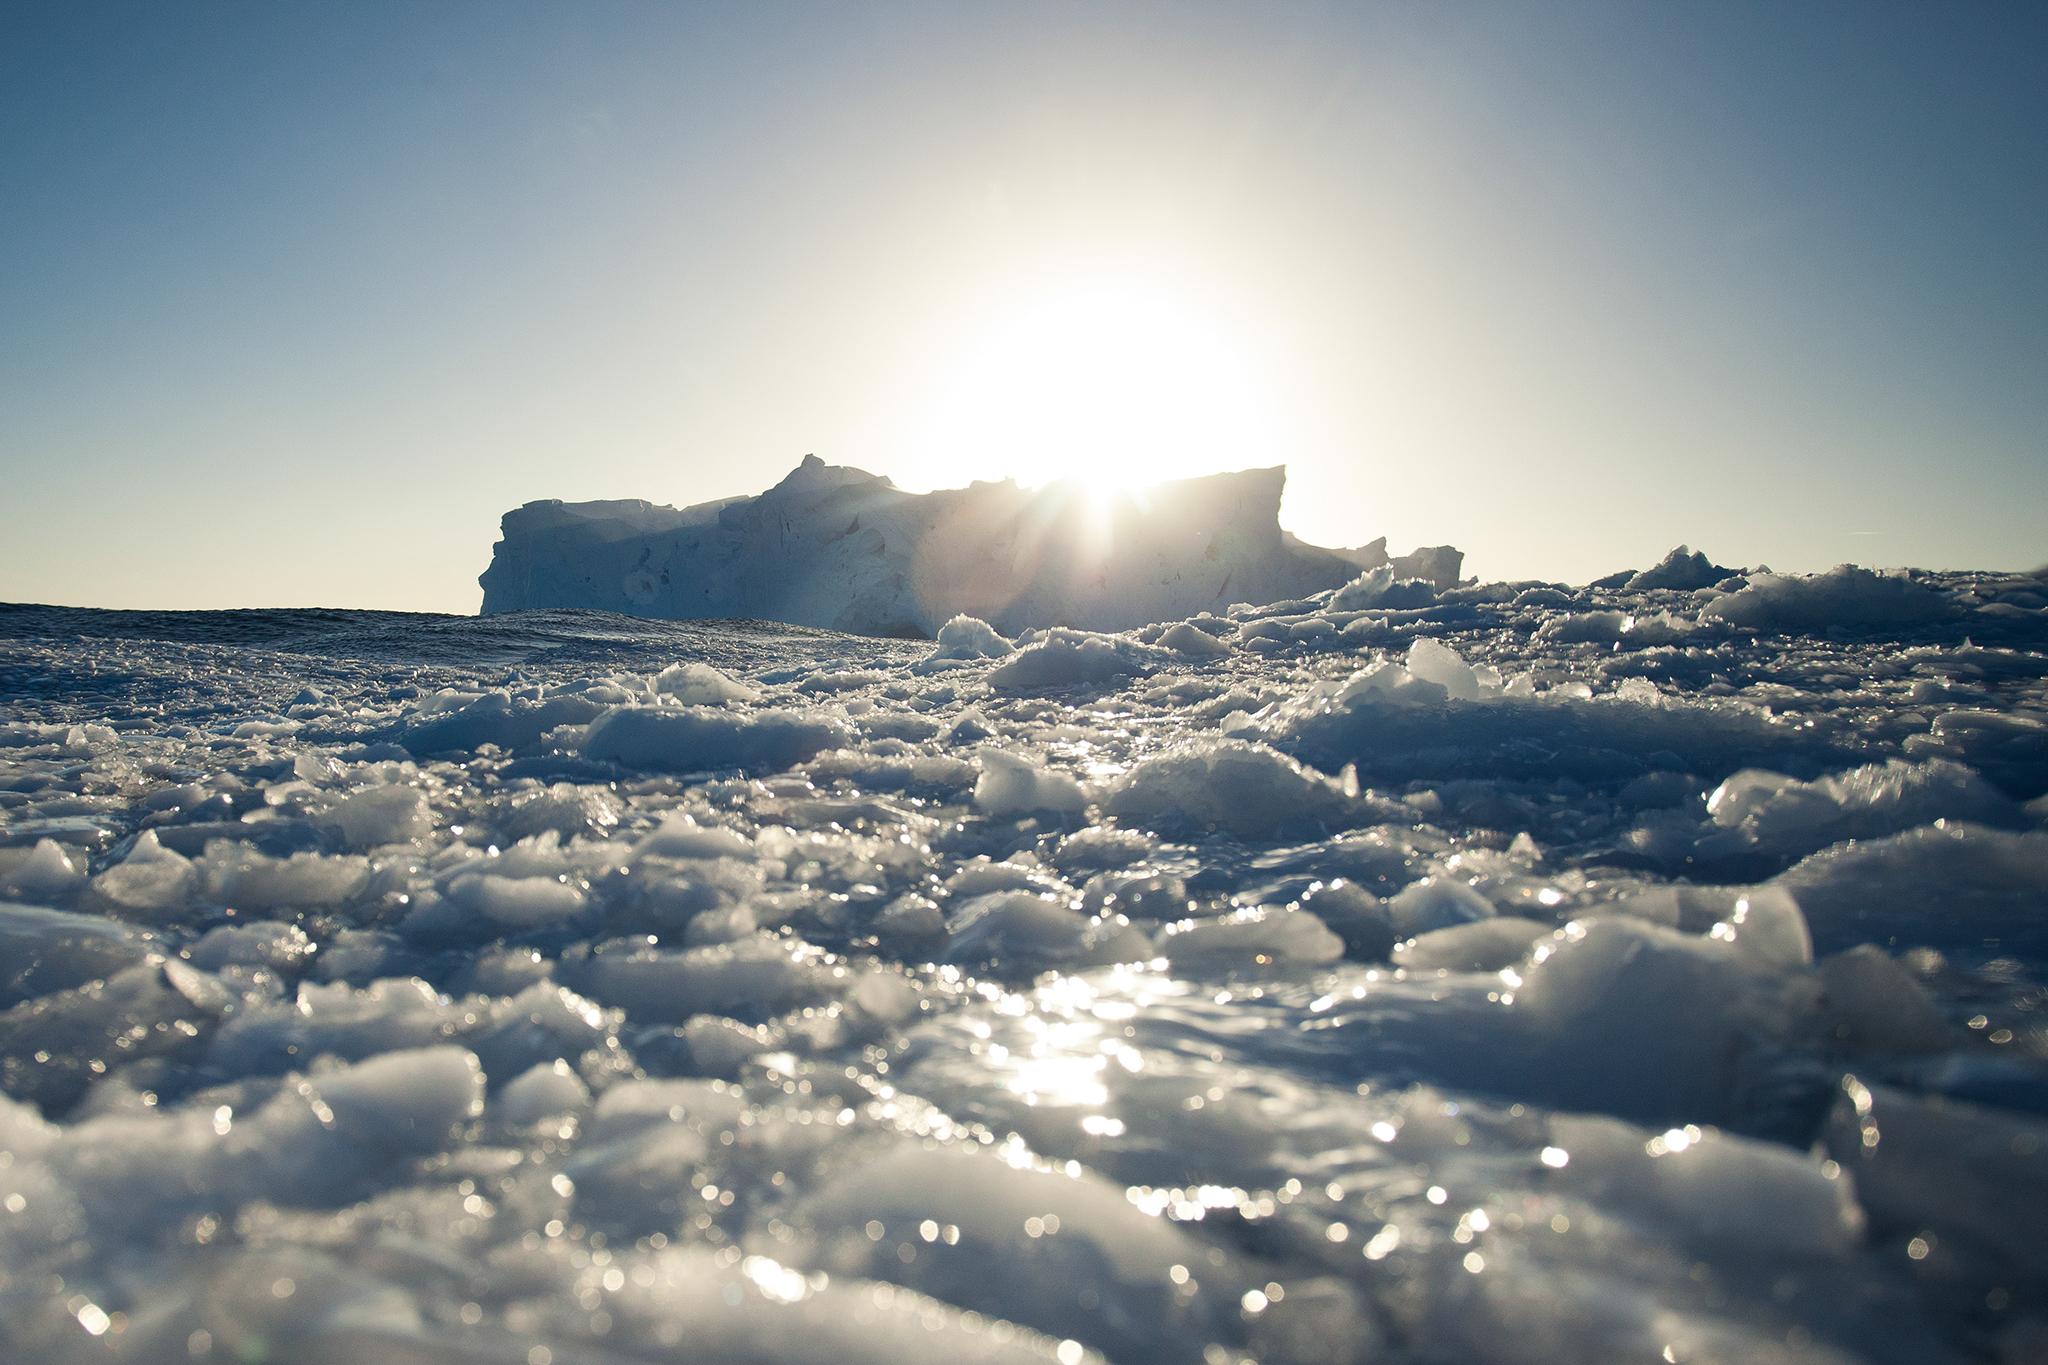 011-TW-Antarctica-140119.jpg